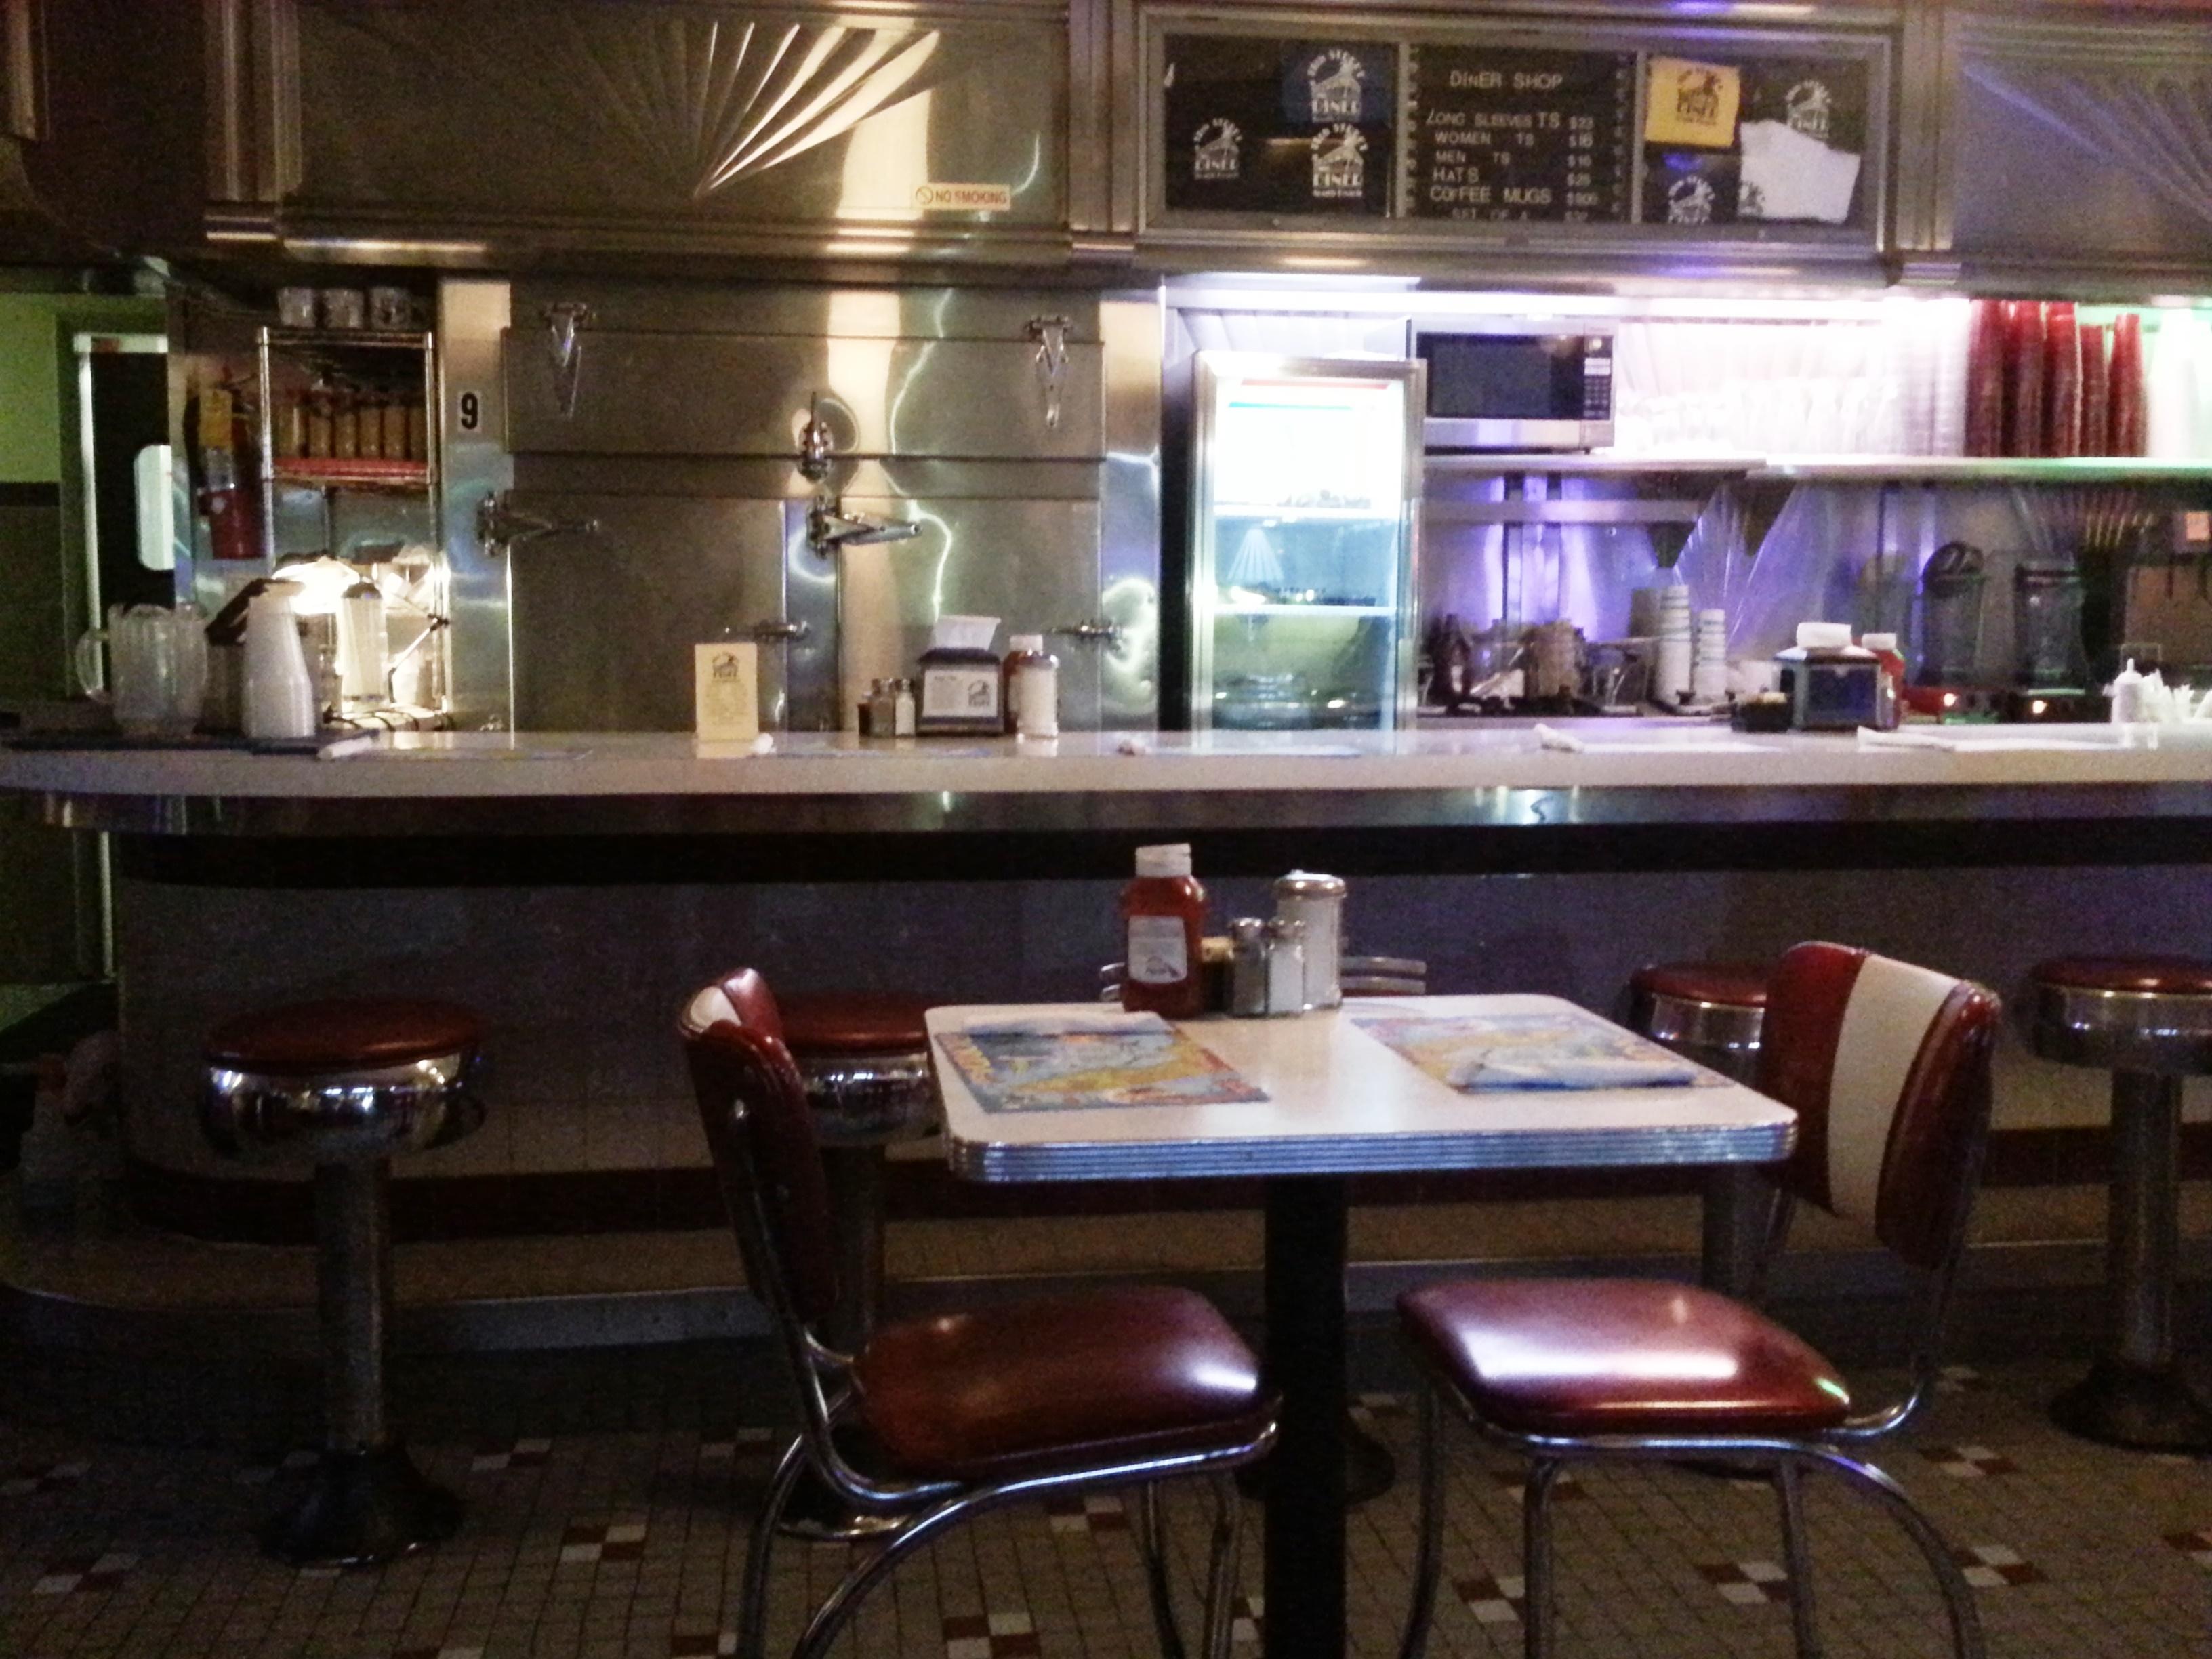 deco diner americain memphis coffee dco amricaine sympa bonne bouffe surtout le dessert des. Black Bedroom Furniture Sets. Home Design Ideas